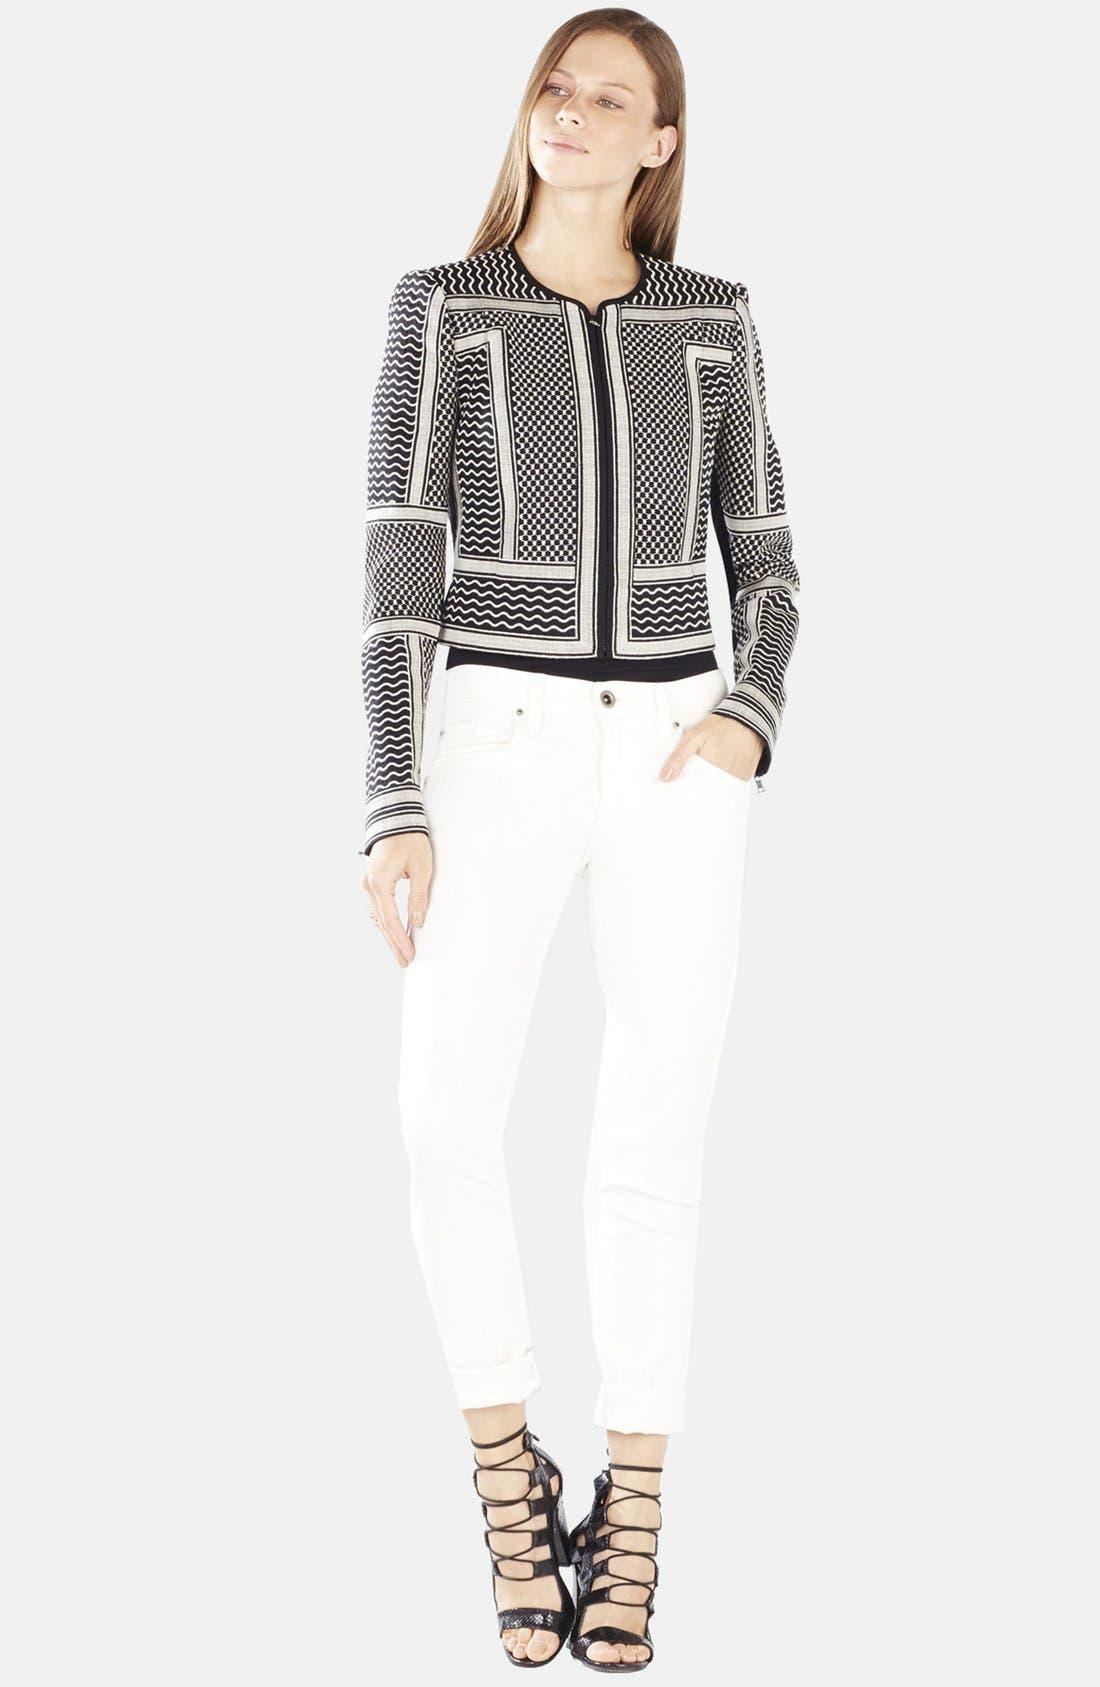 Alternate Image 1 Selected - BCBGMAXAZRIA 'Duke' Embroidered Jacquard Jacket